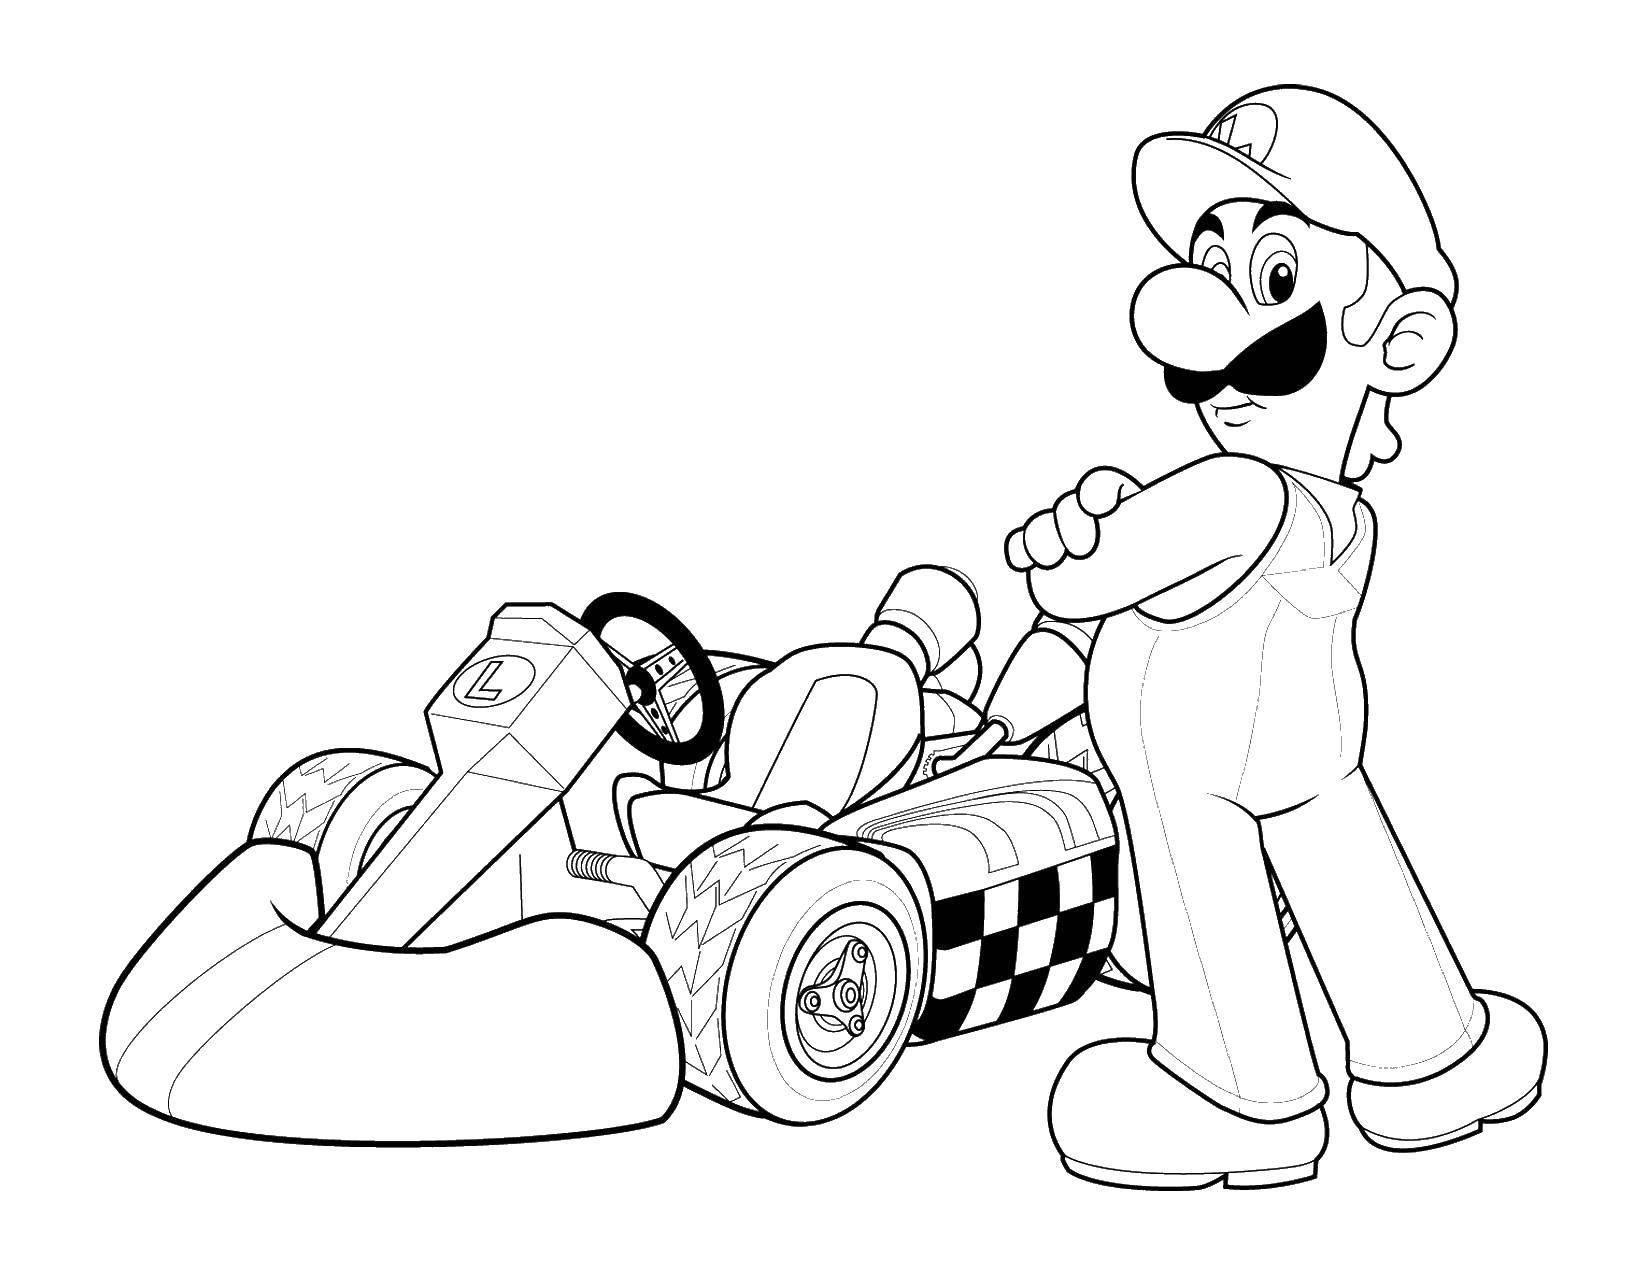 Раскраска Супер марио на гоночной машине Скачать Супер Марио.  Распечатать ,Персонаж из игры,